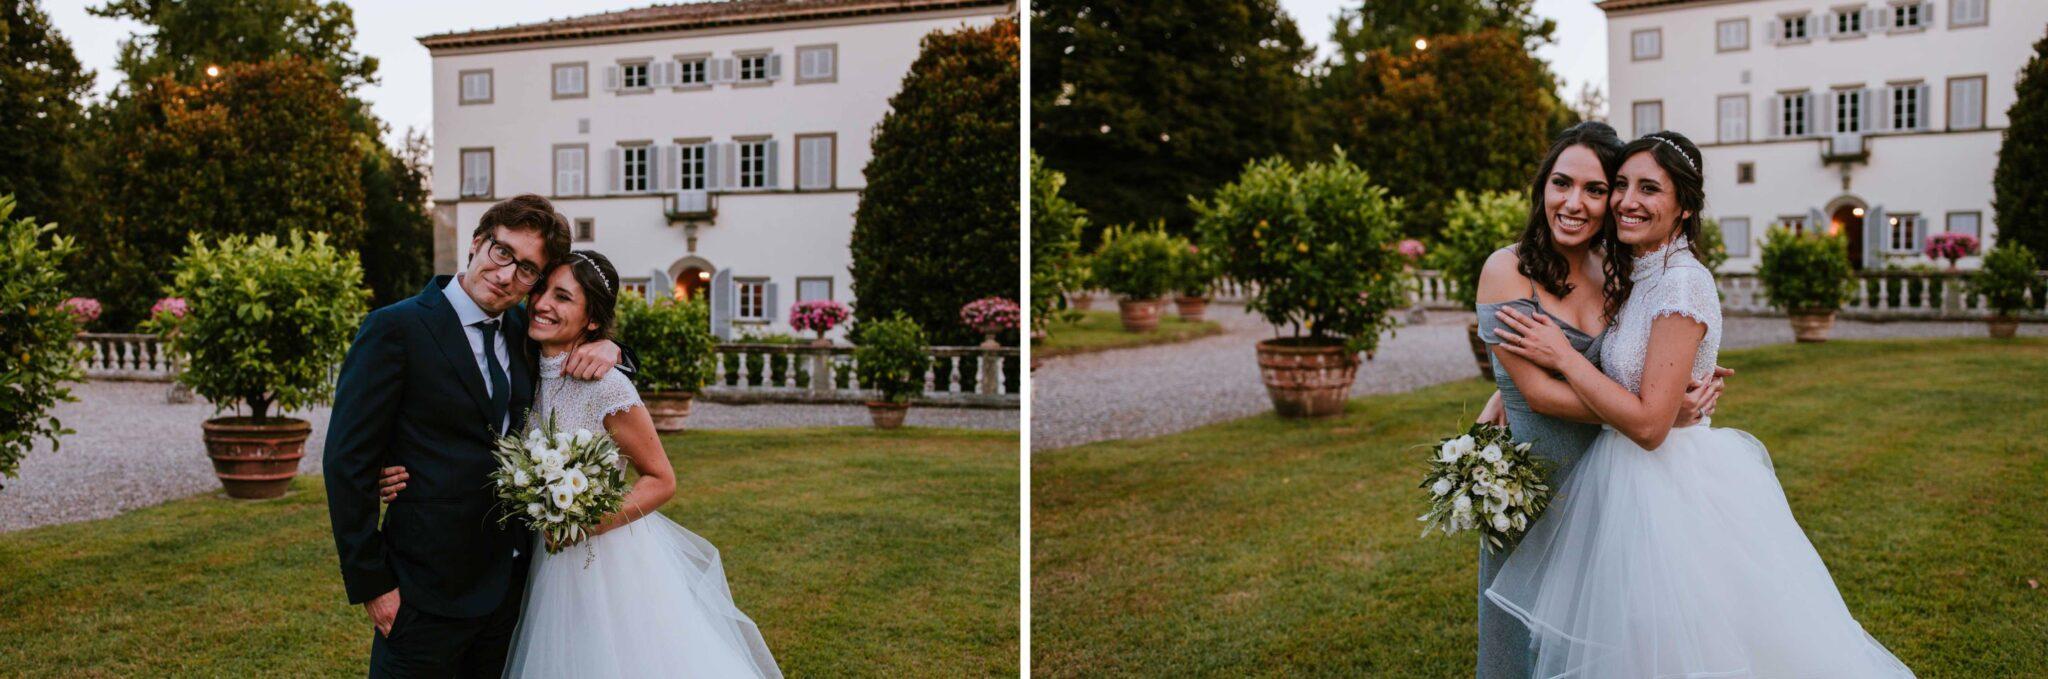 la sposa e i suoi amici a Villa Grabau, Lucca